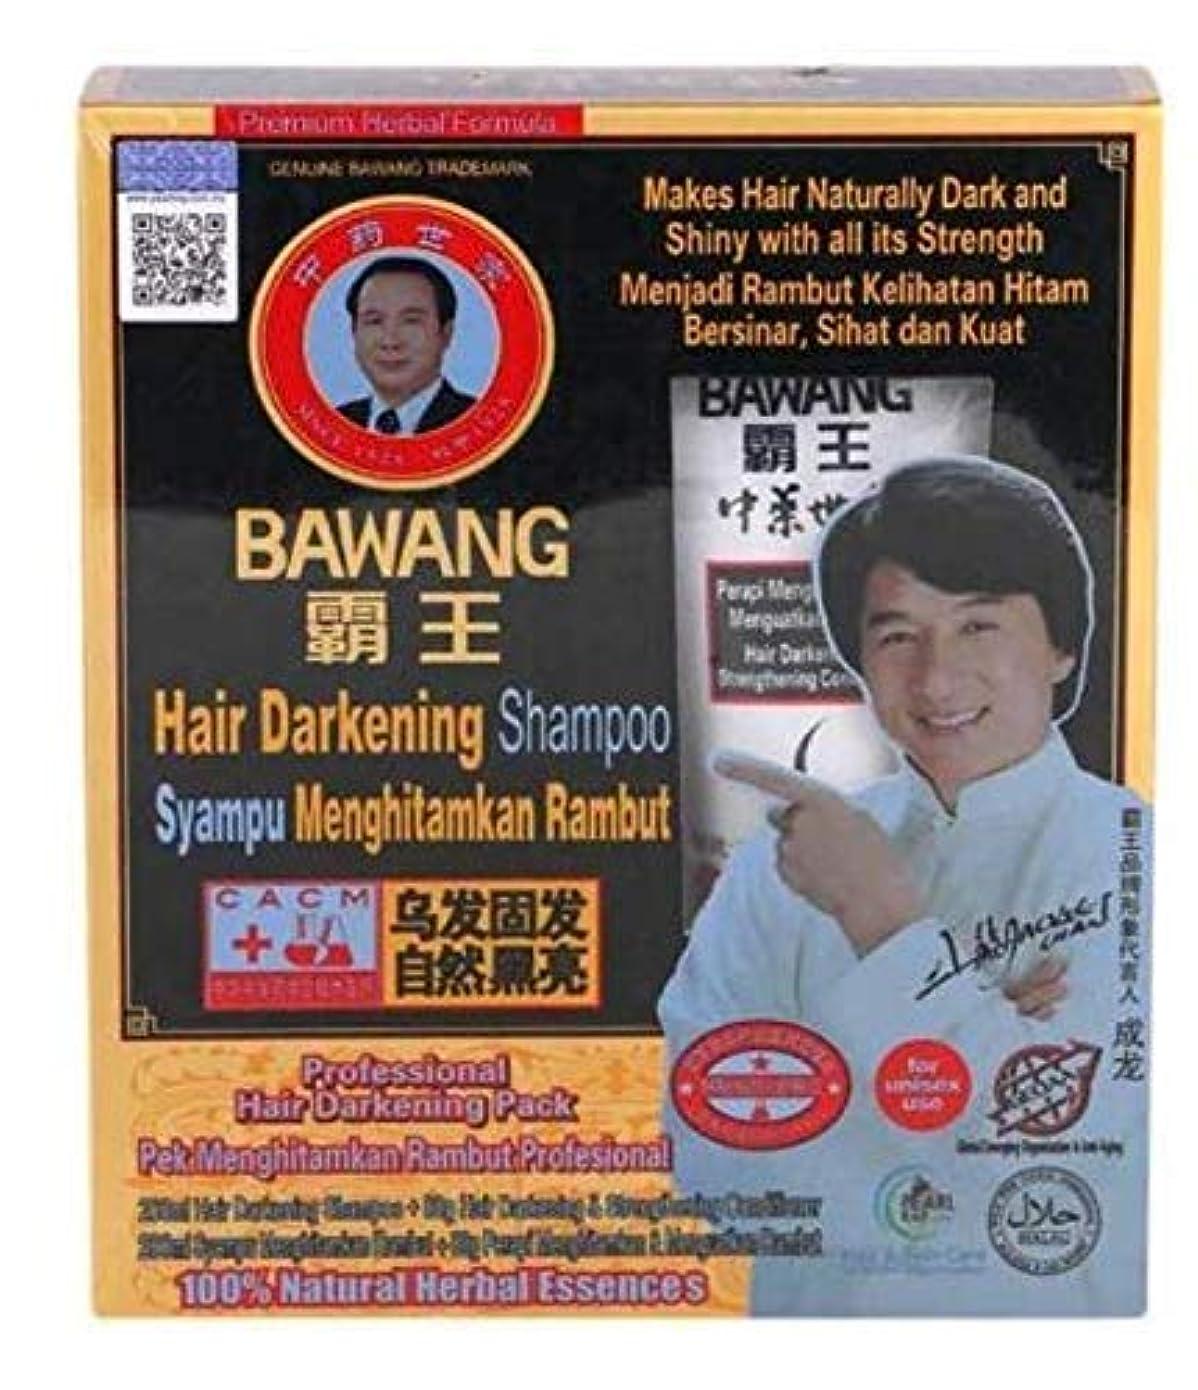 リード漏れ気絶させるBAWANG プロフェッショナル髪黒い袋200ミリリットル+ 80グラム